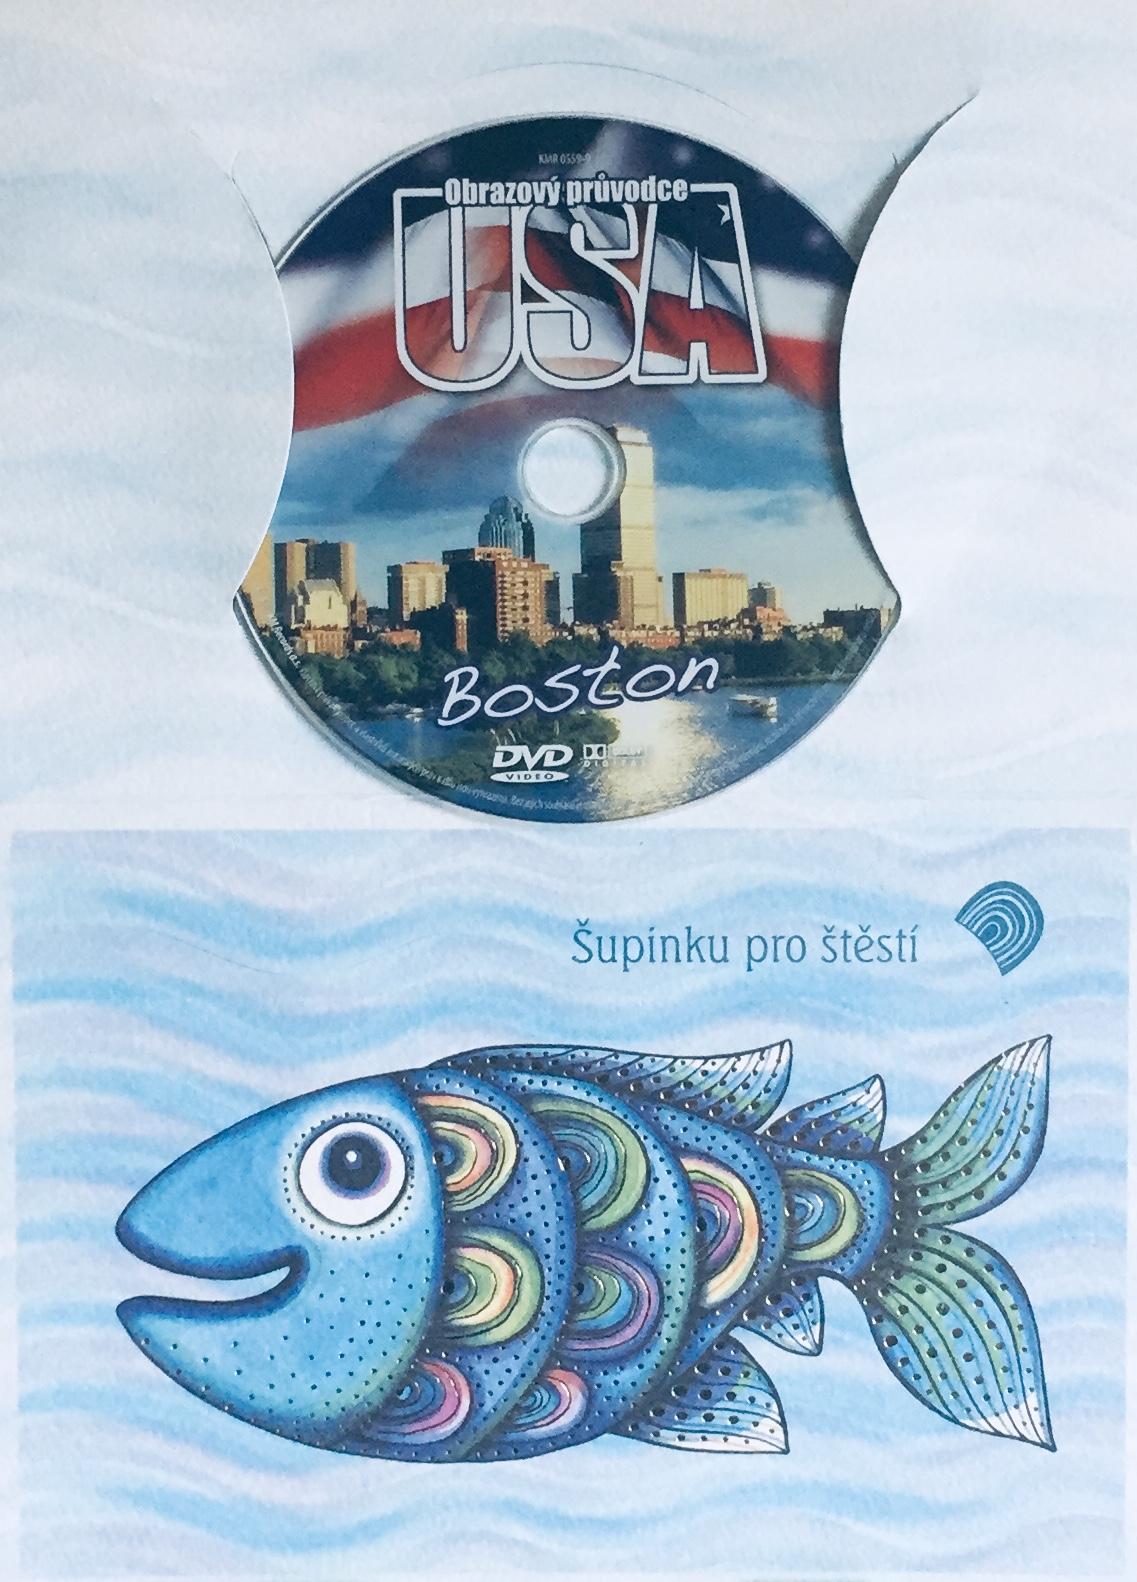 Obrazový průvodce - USA - Boston - DVD /dárkový obal/